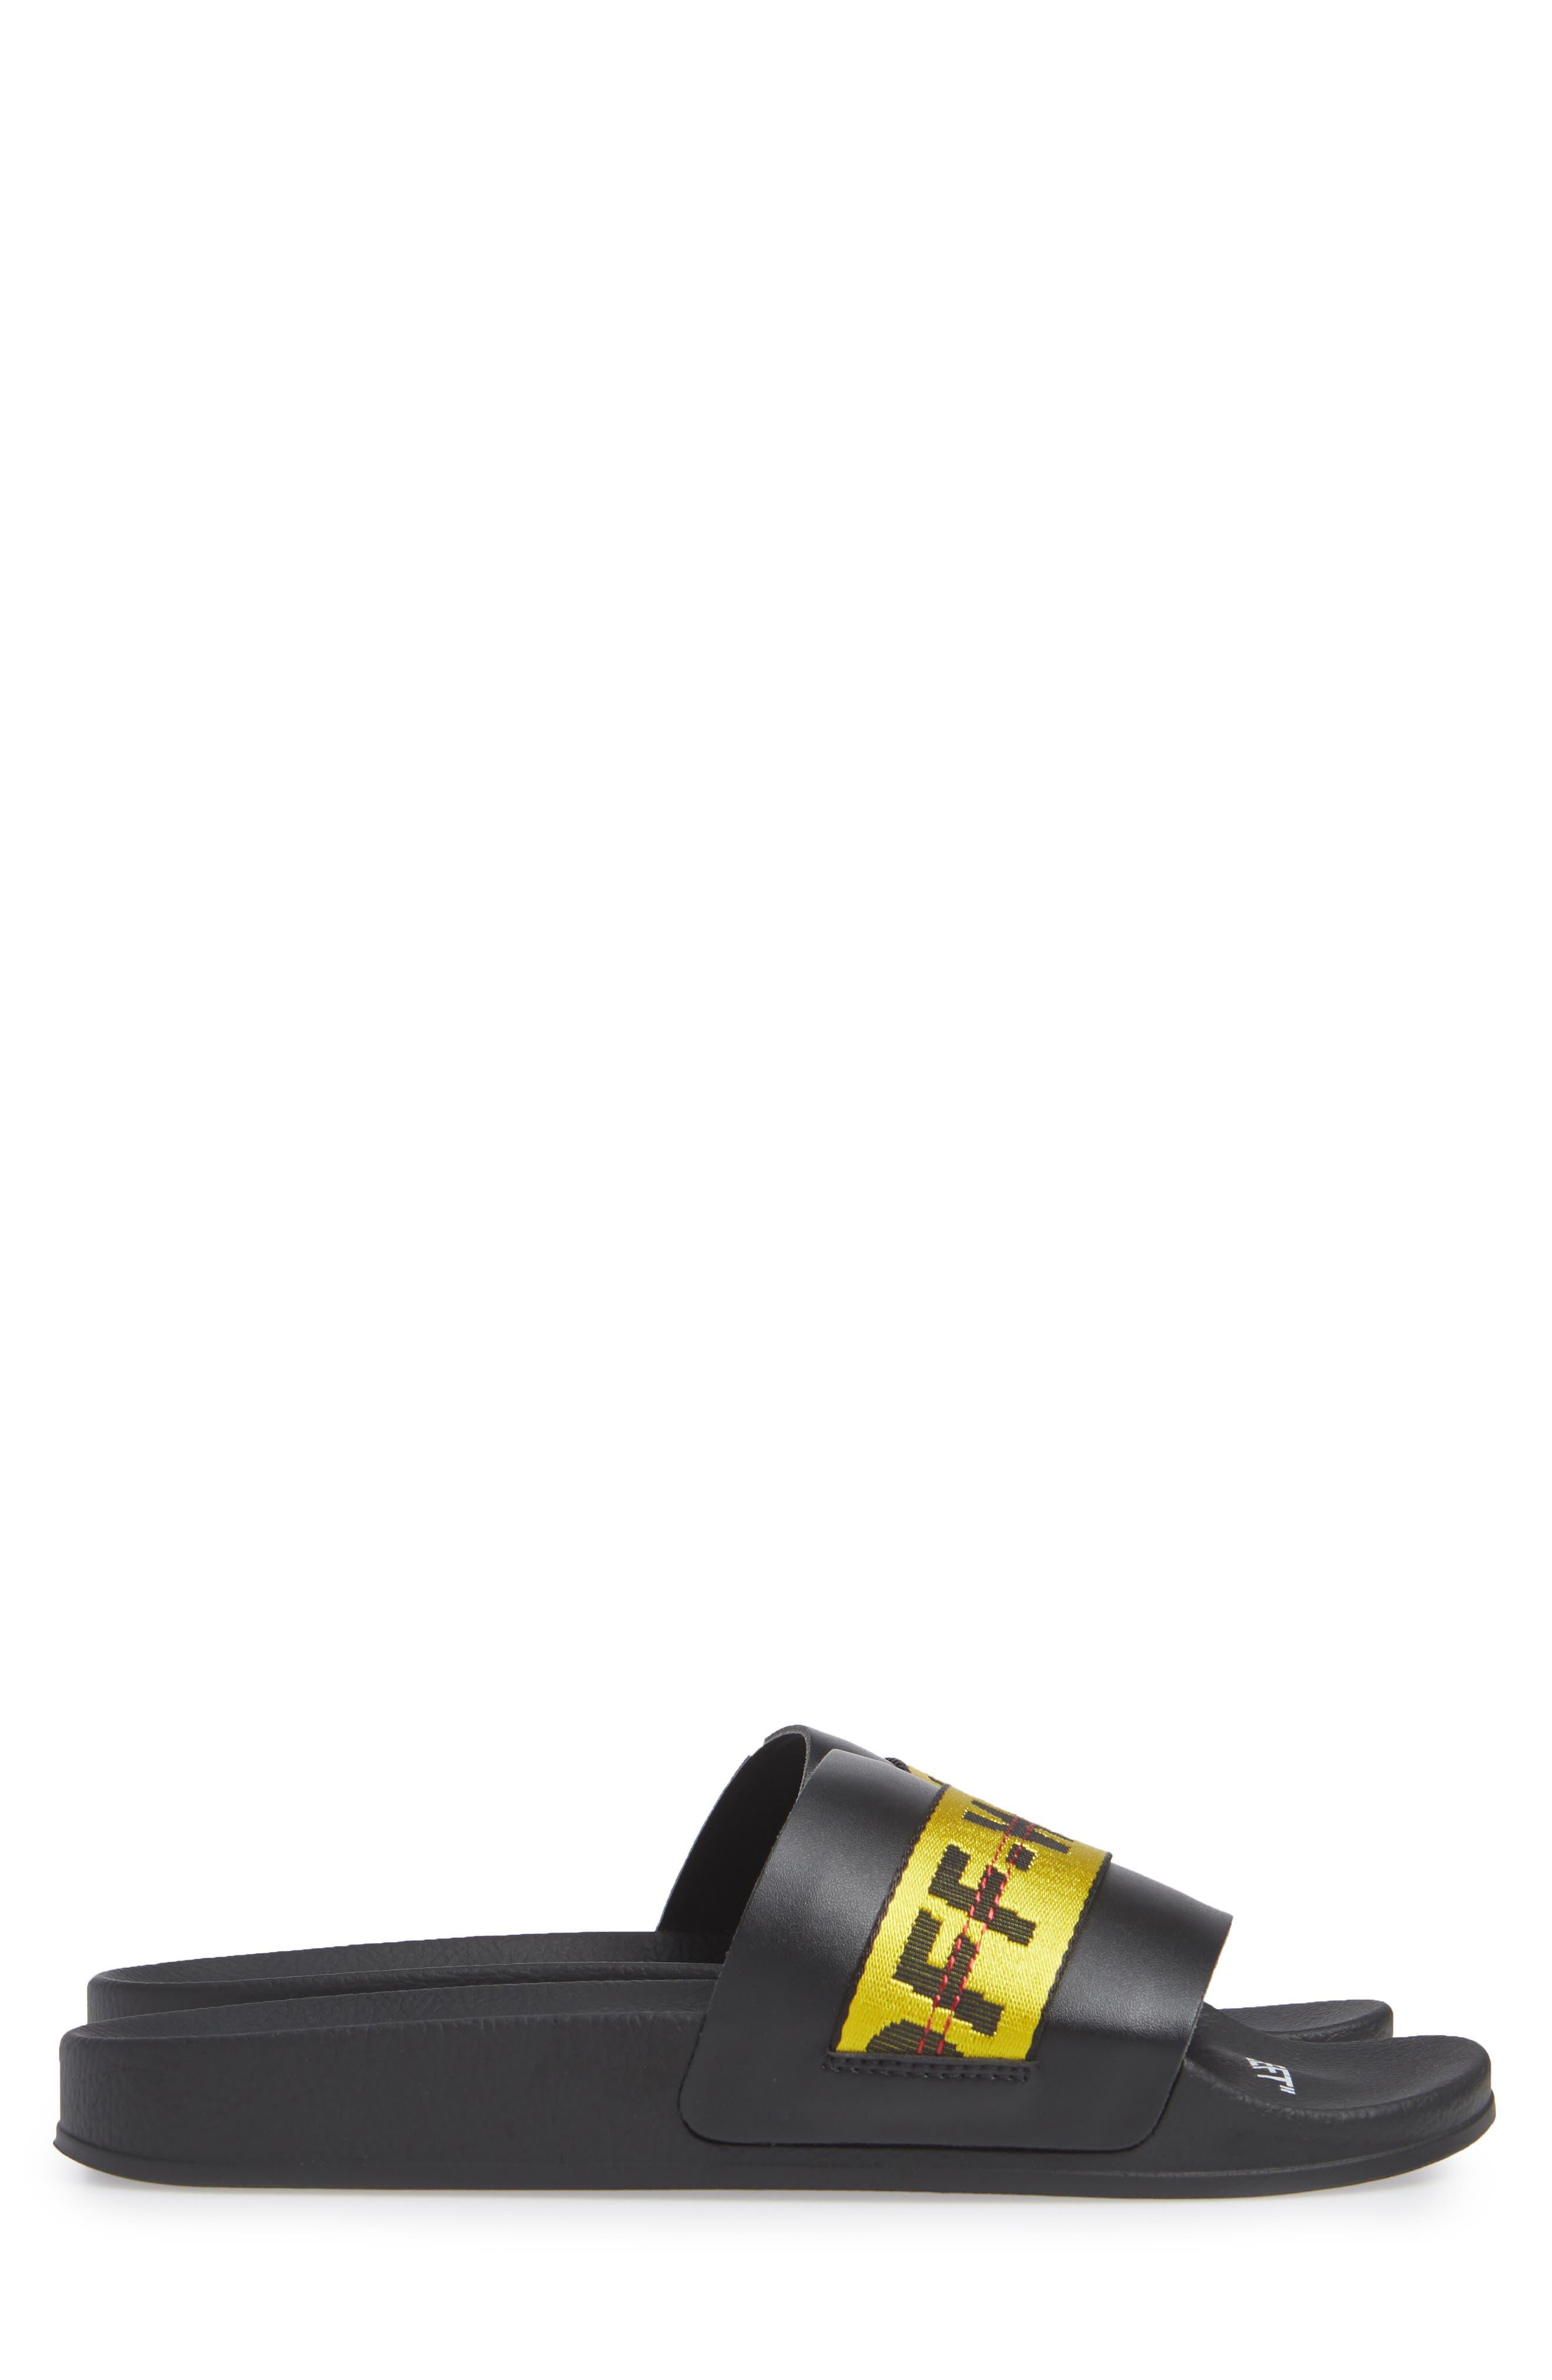 OFF-WHITE, Industrial Slide Sandal, Alternate thumbnail 3, color, 001